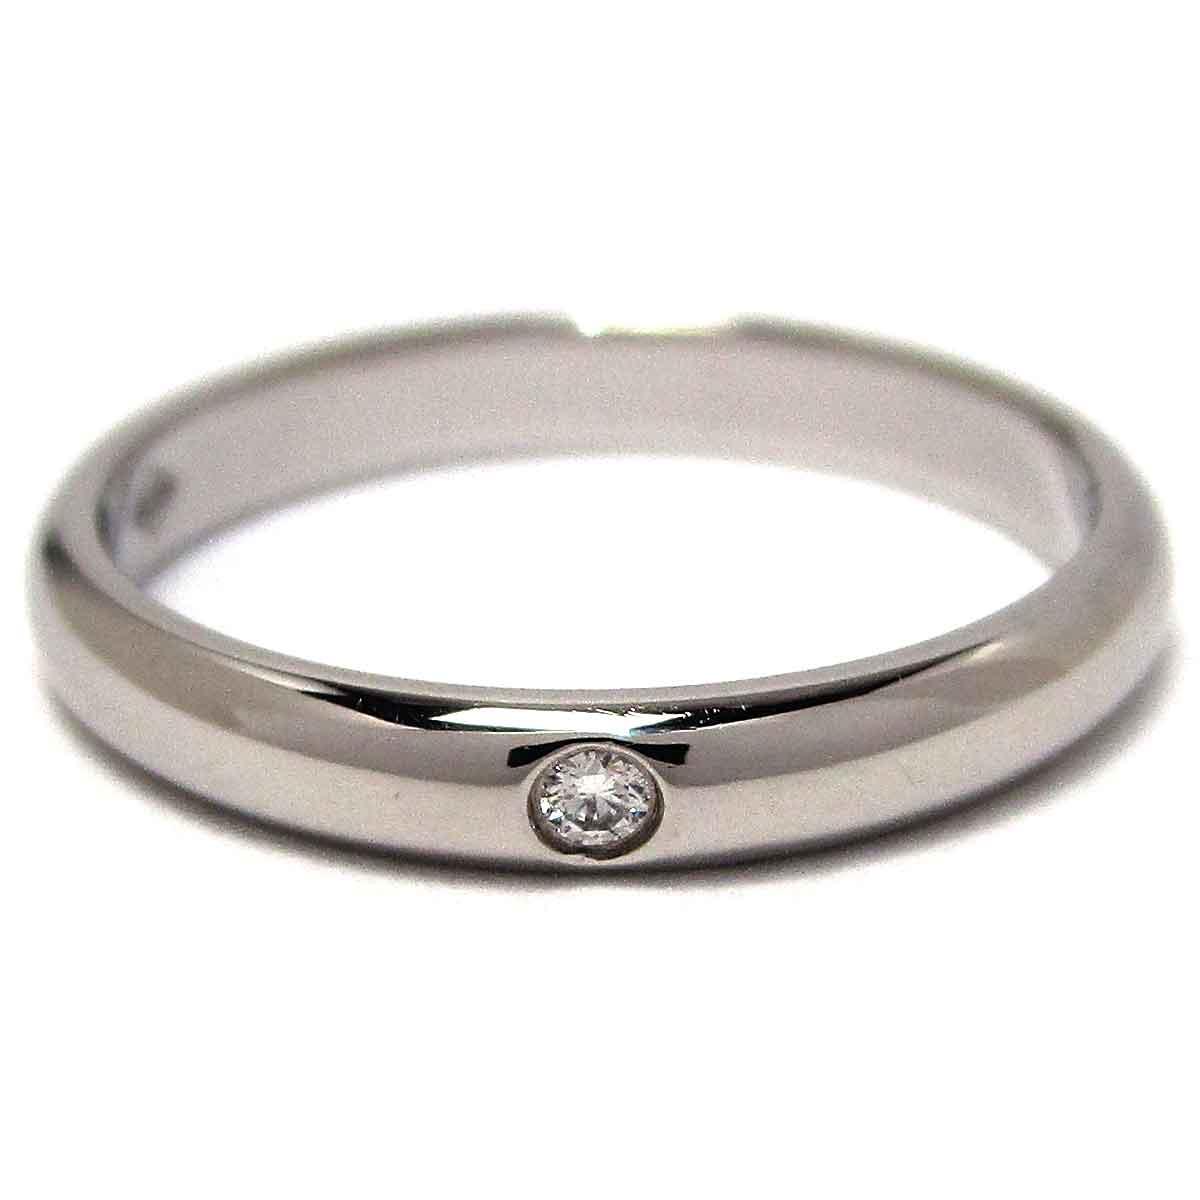 カルティエ ウエディングリング ダイヤモンド - TAN2100139